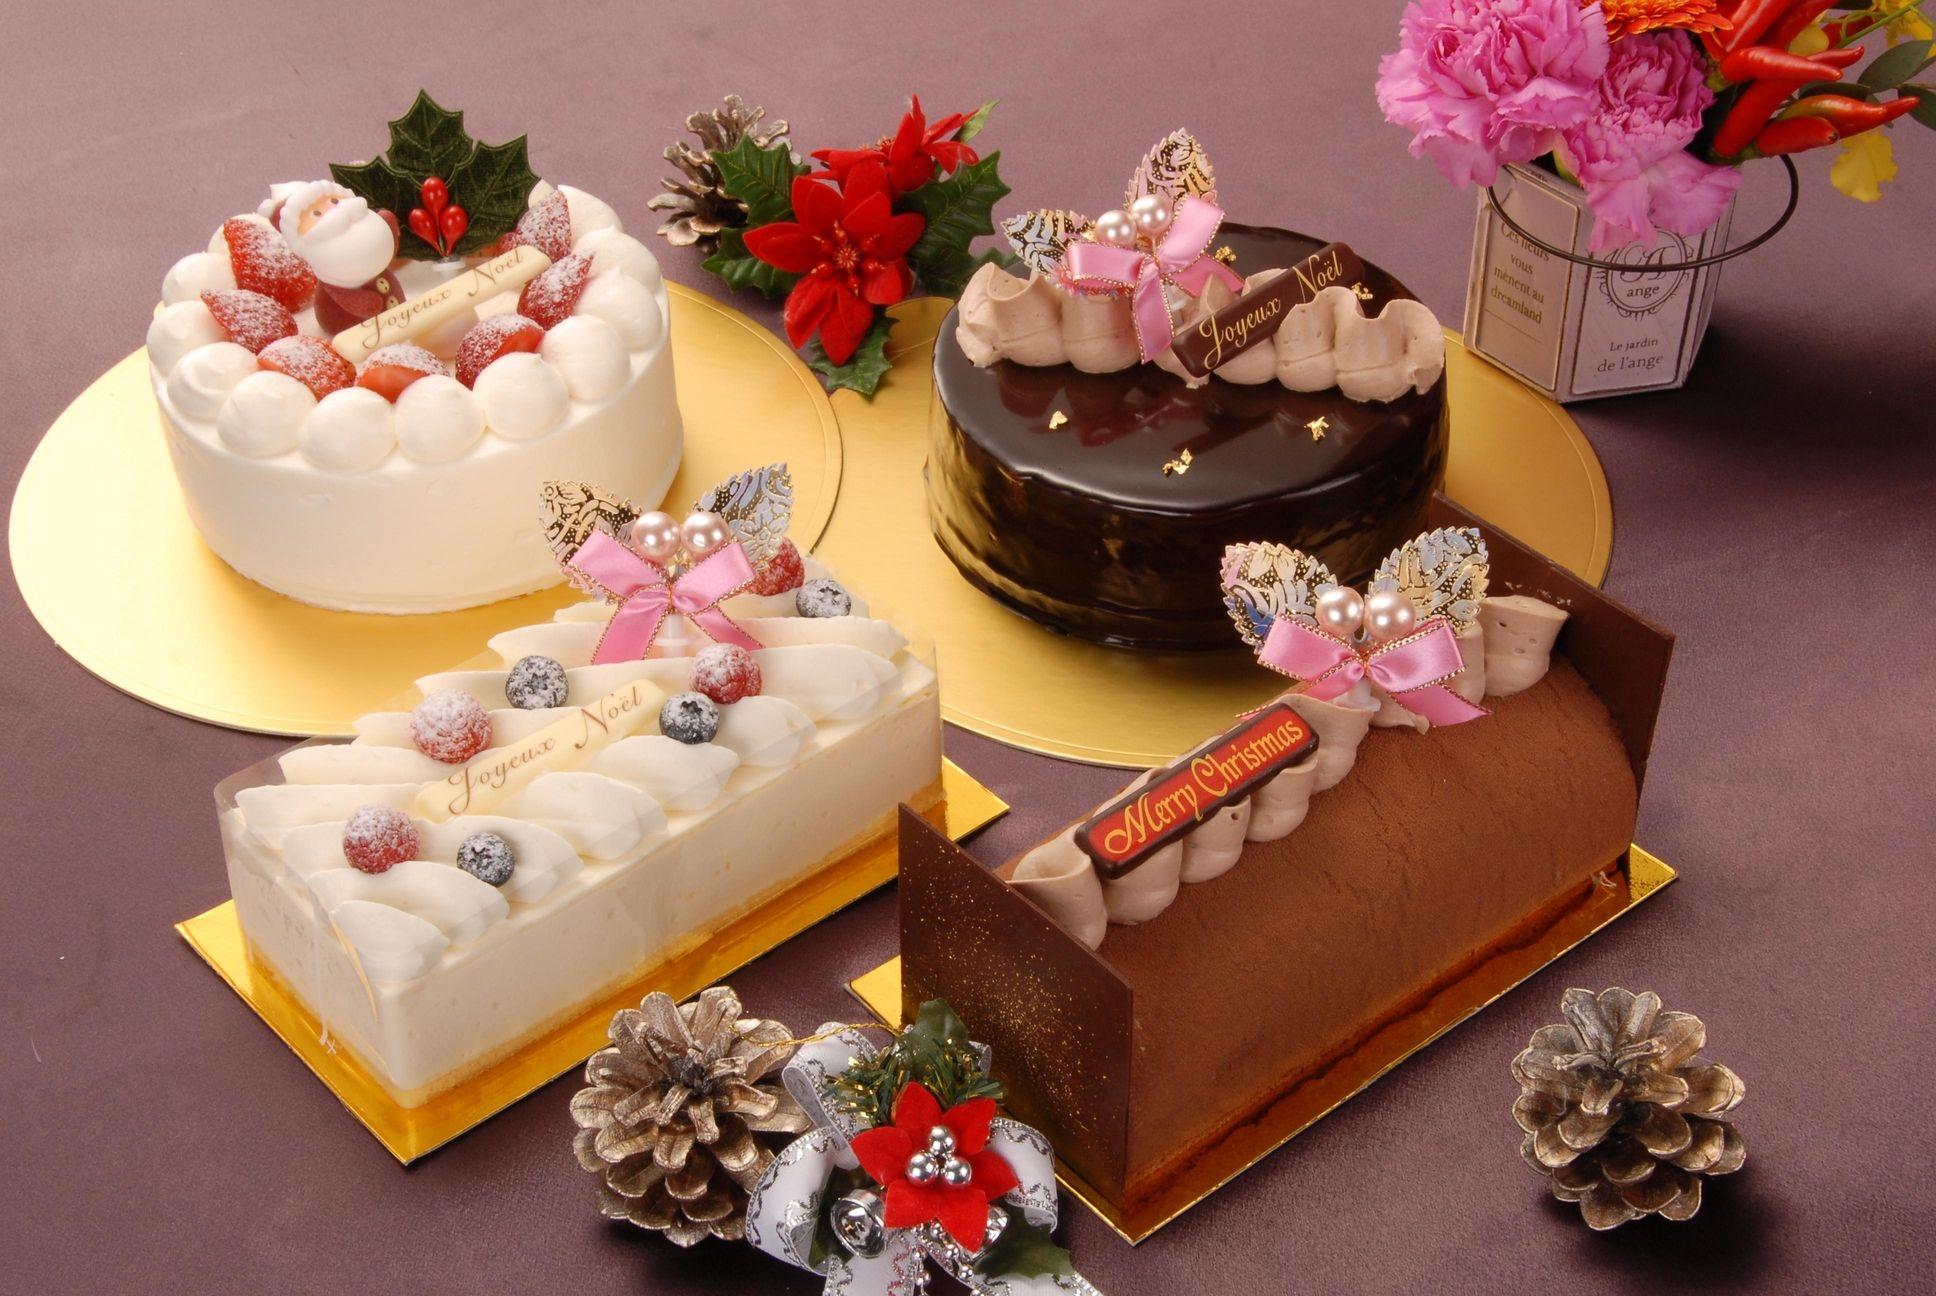 Свадебный торт  № 1408162 без смс